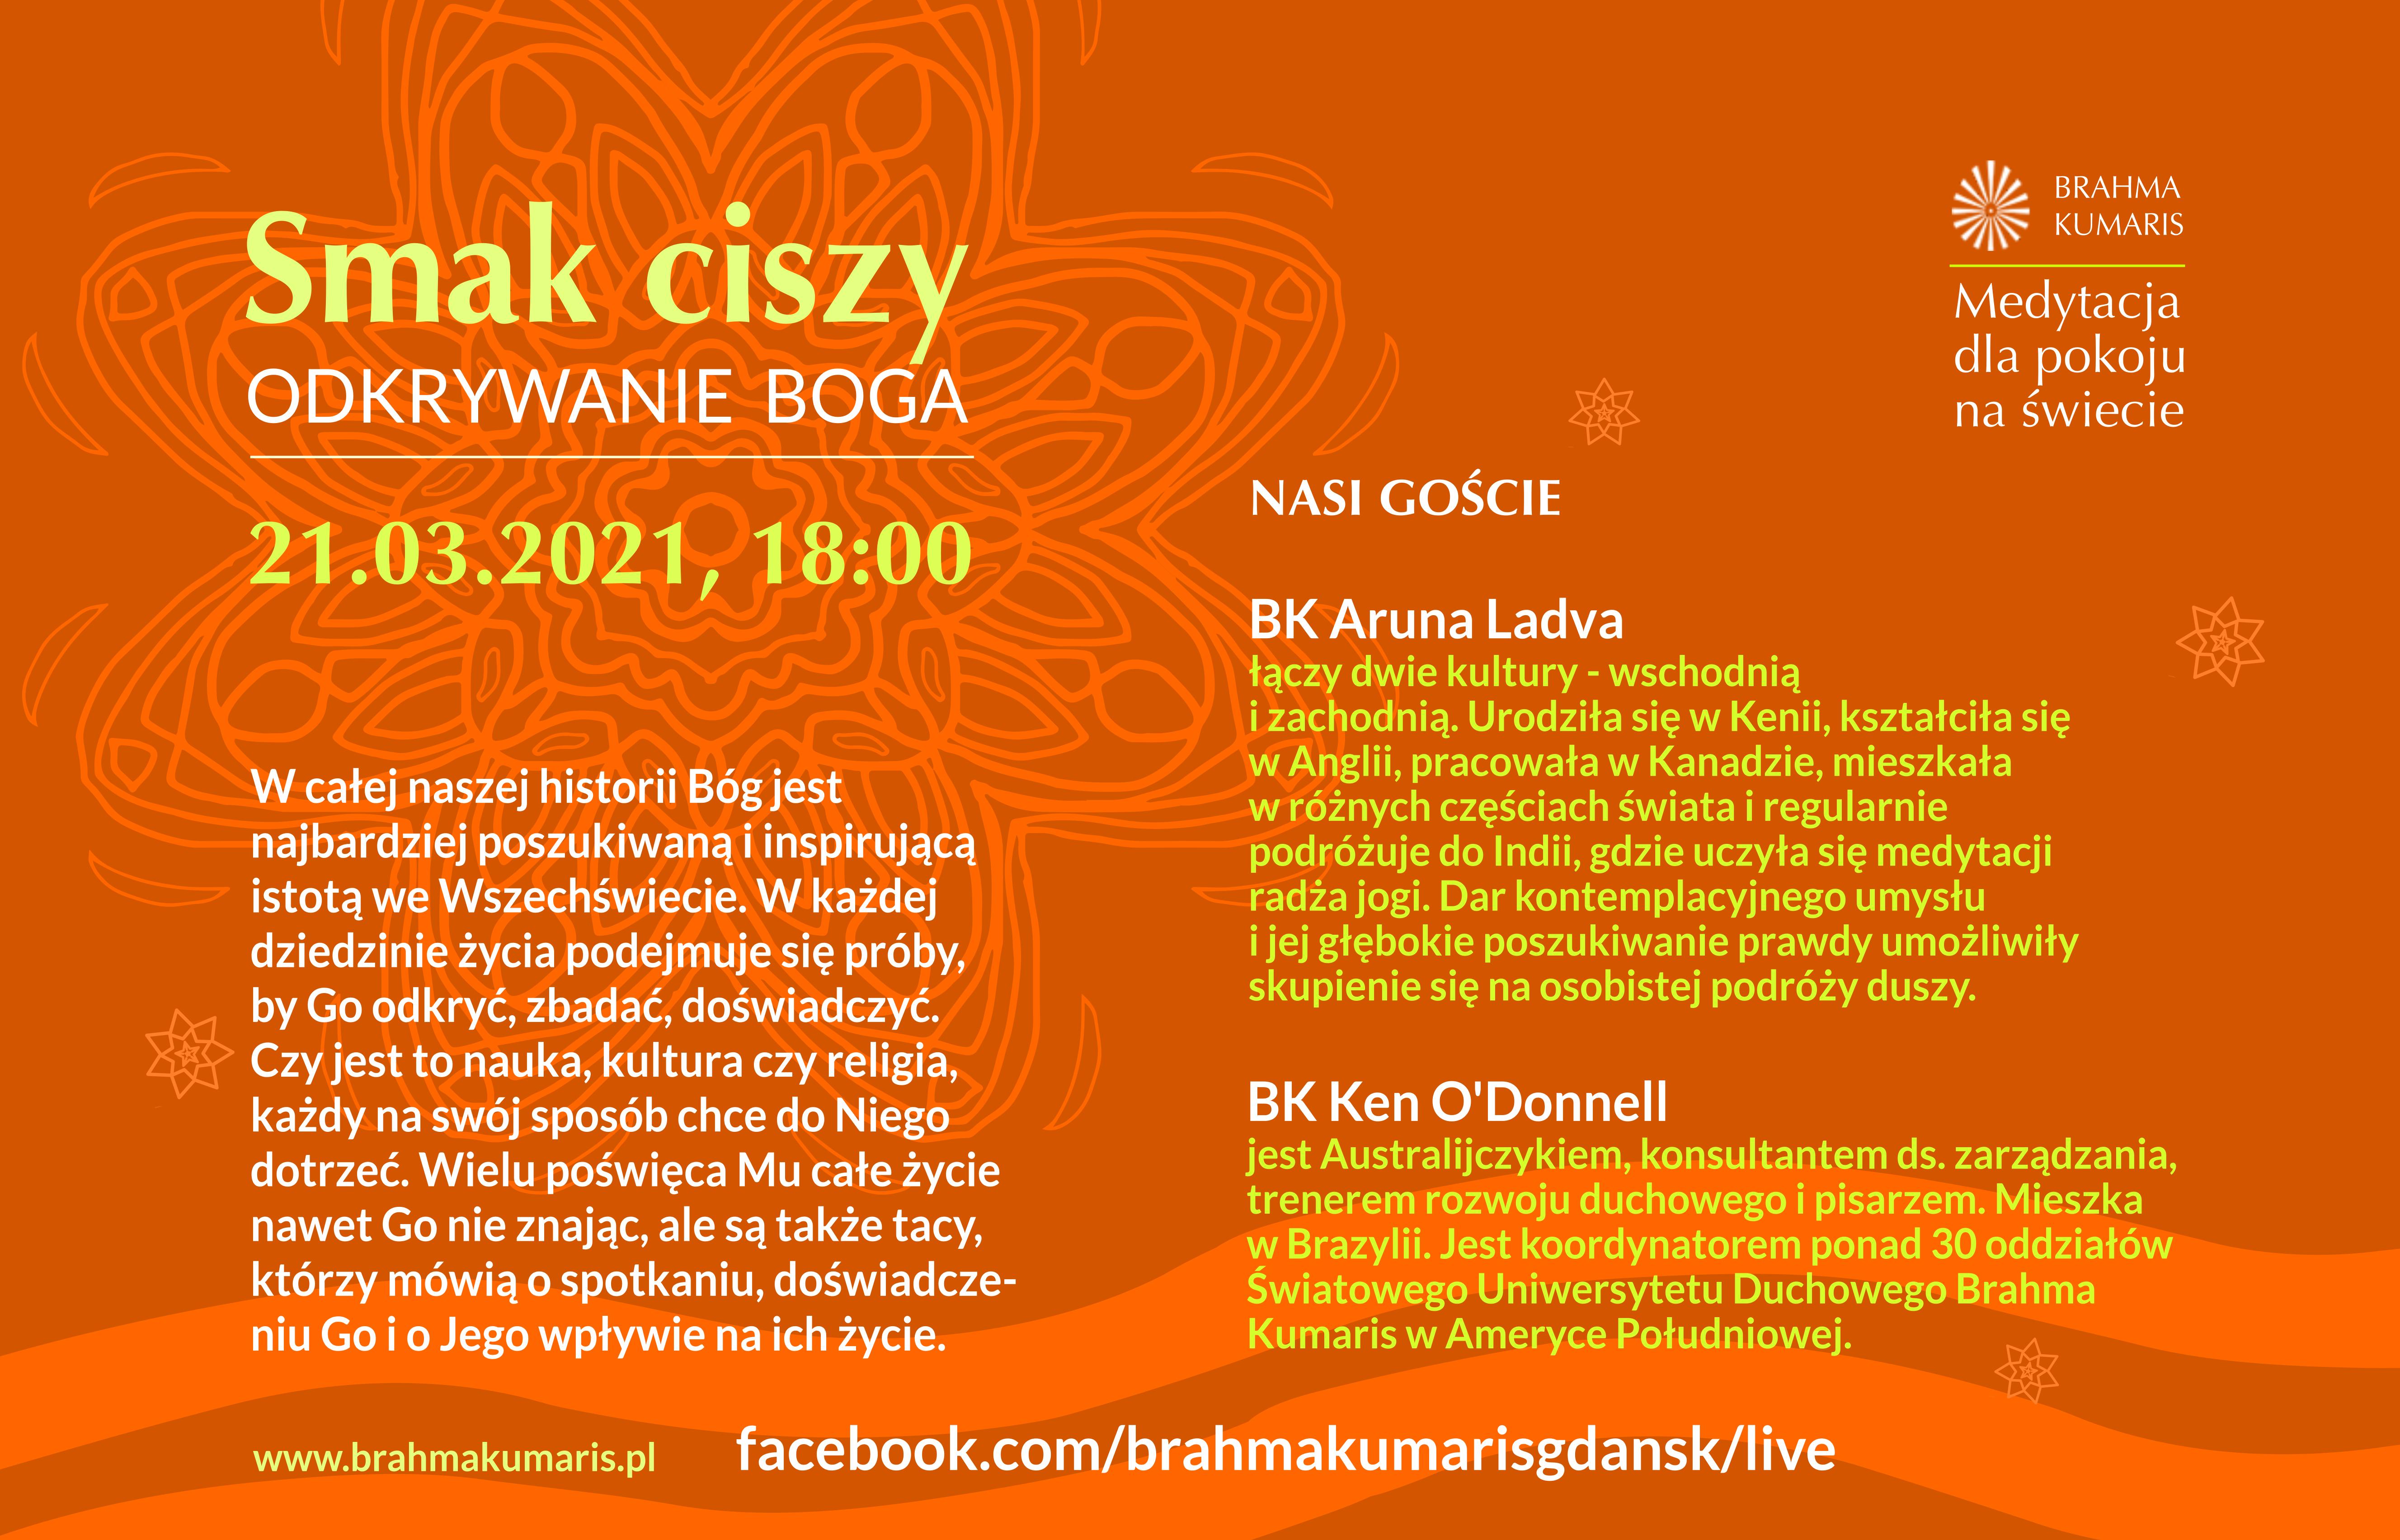 Medytacja dla pokoju na świecie. Wydarzenie online @ https://www.facebook.com/brahmakumarisgdansk/